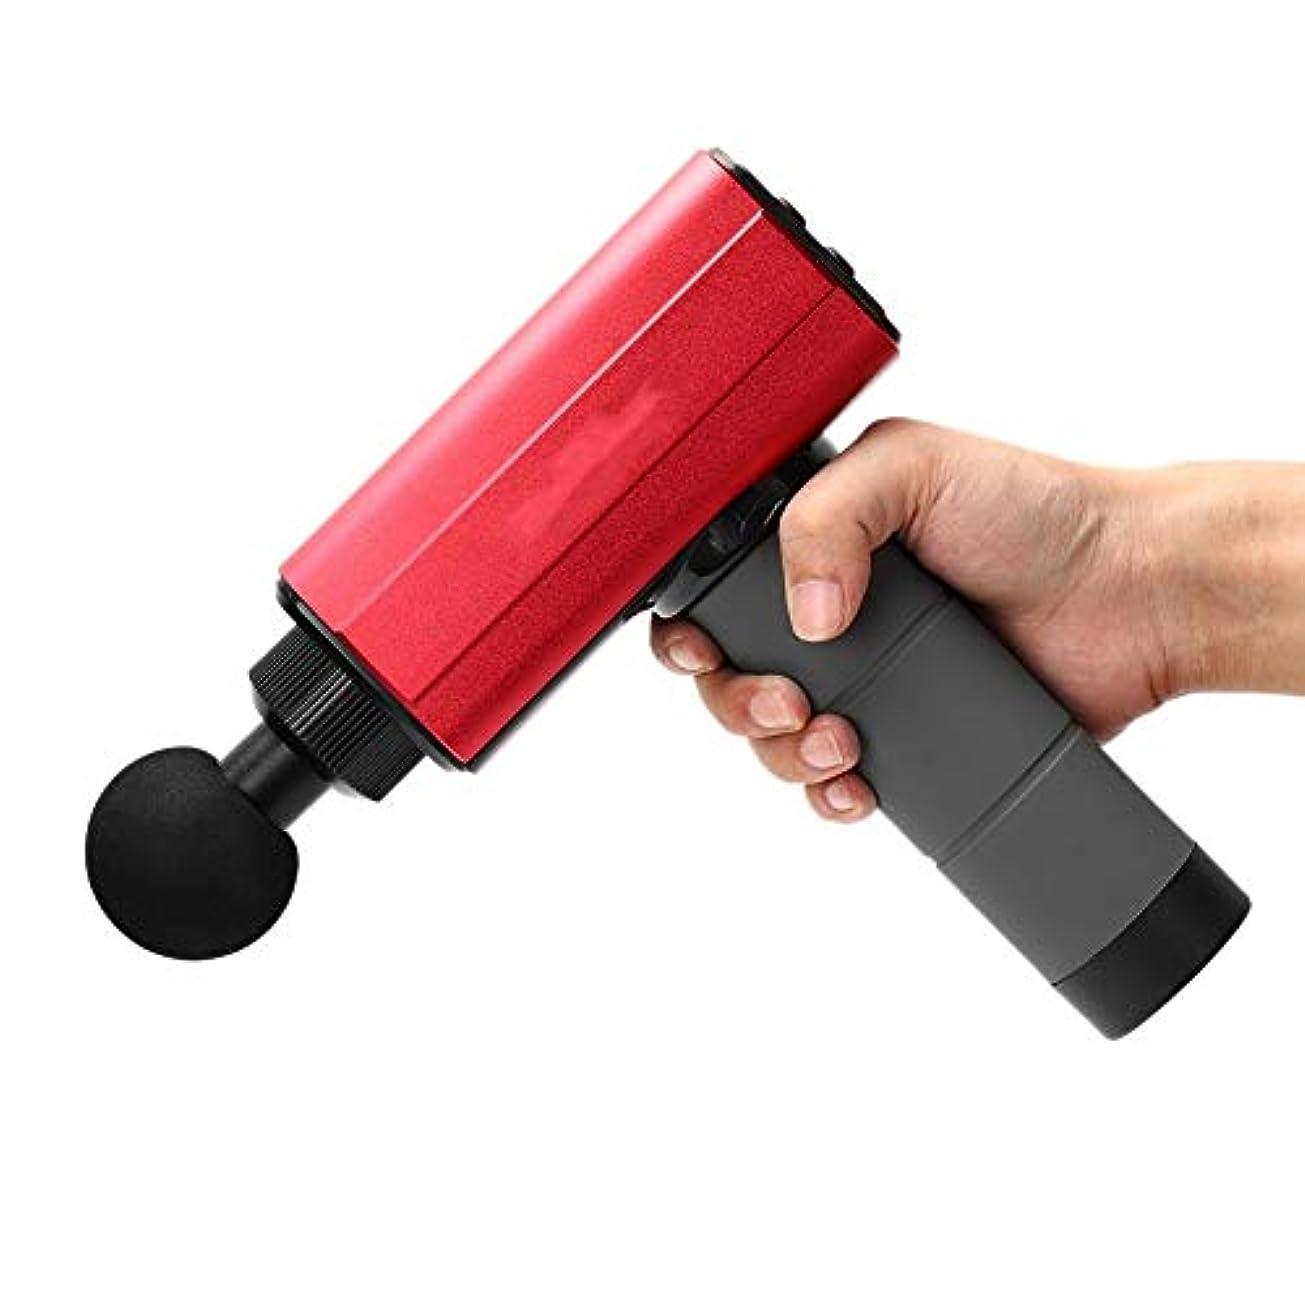 黙認するアーサー承知しました手持ち型の深いティッシュ筋肉マッサージャー銃の再充電可能なマッサージ装置、体の痛みのための専門のコードレスパーカッション(US Plug)